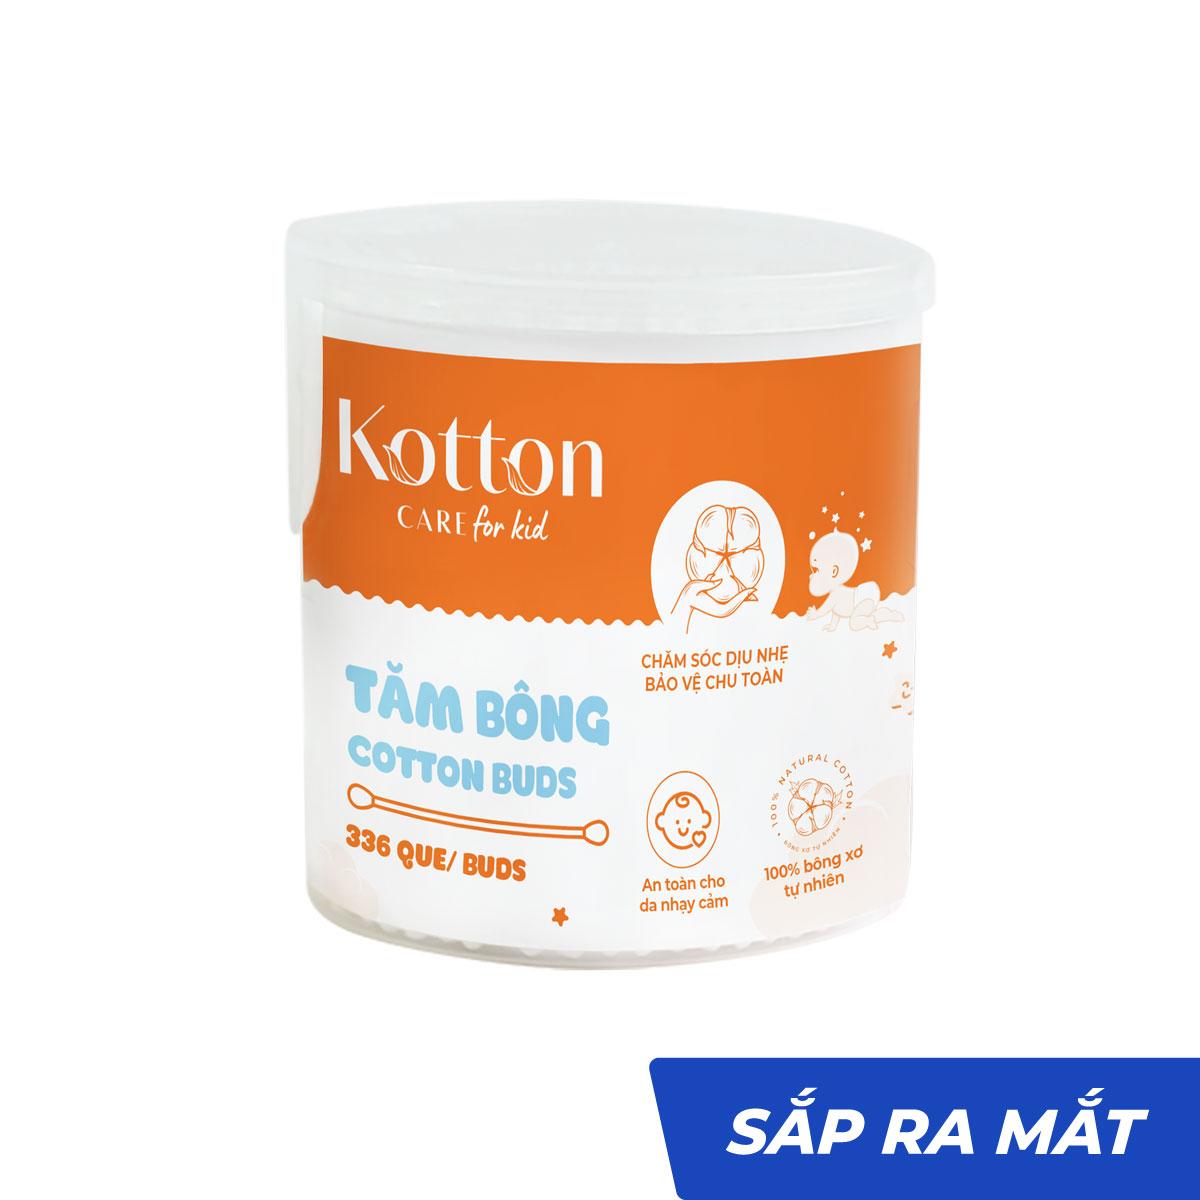 Tăm bông trẻ em thân nhựa hộp tròn tiệt trùng - Kotton Care for Kid